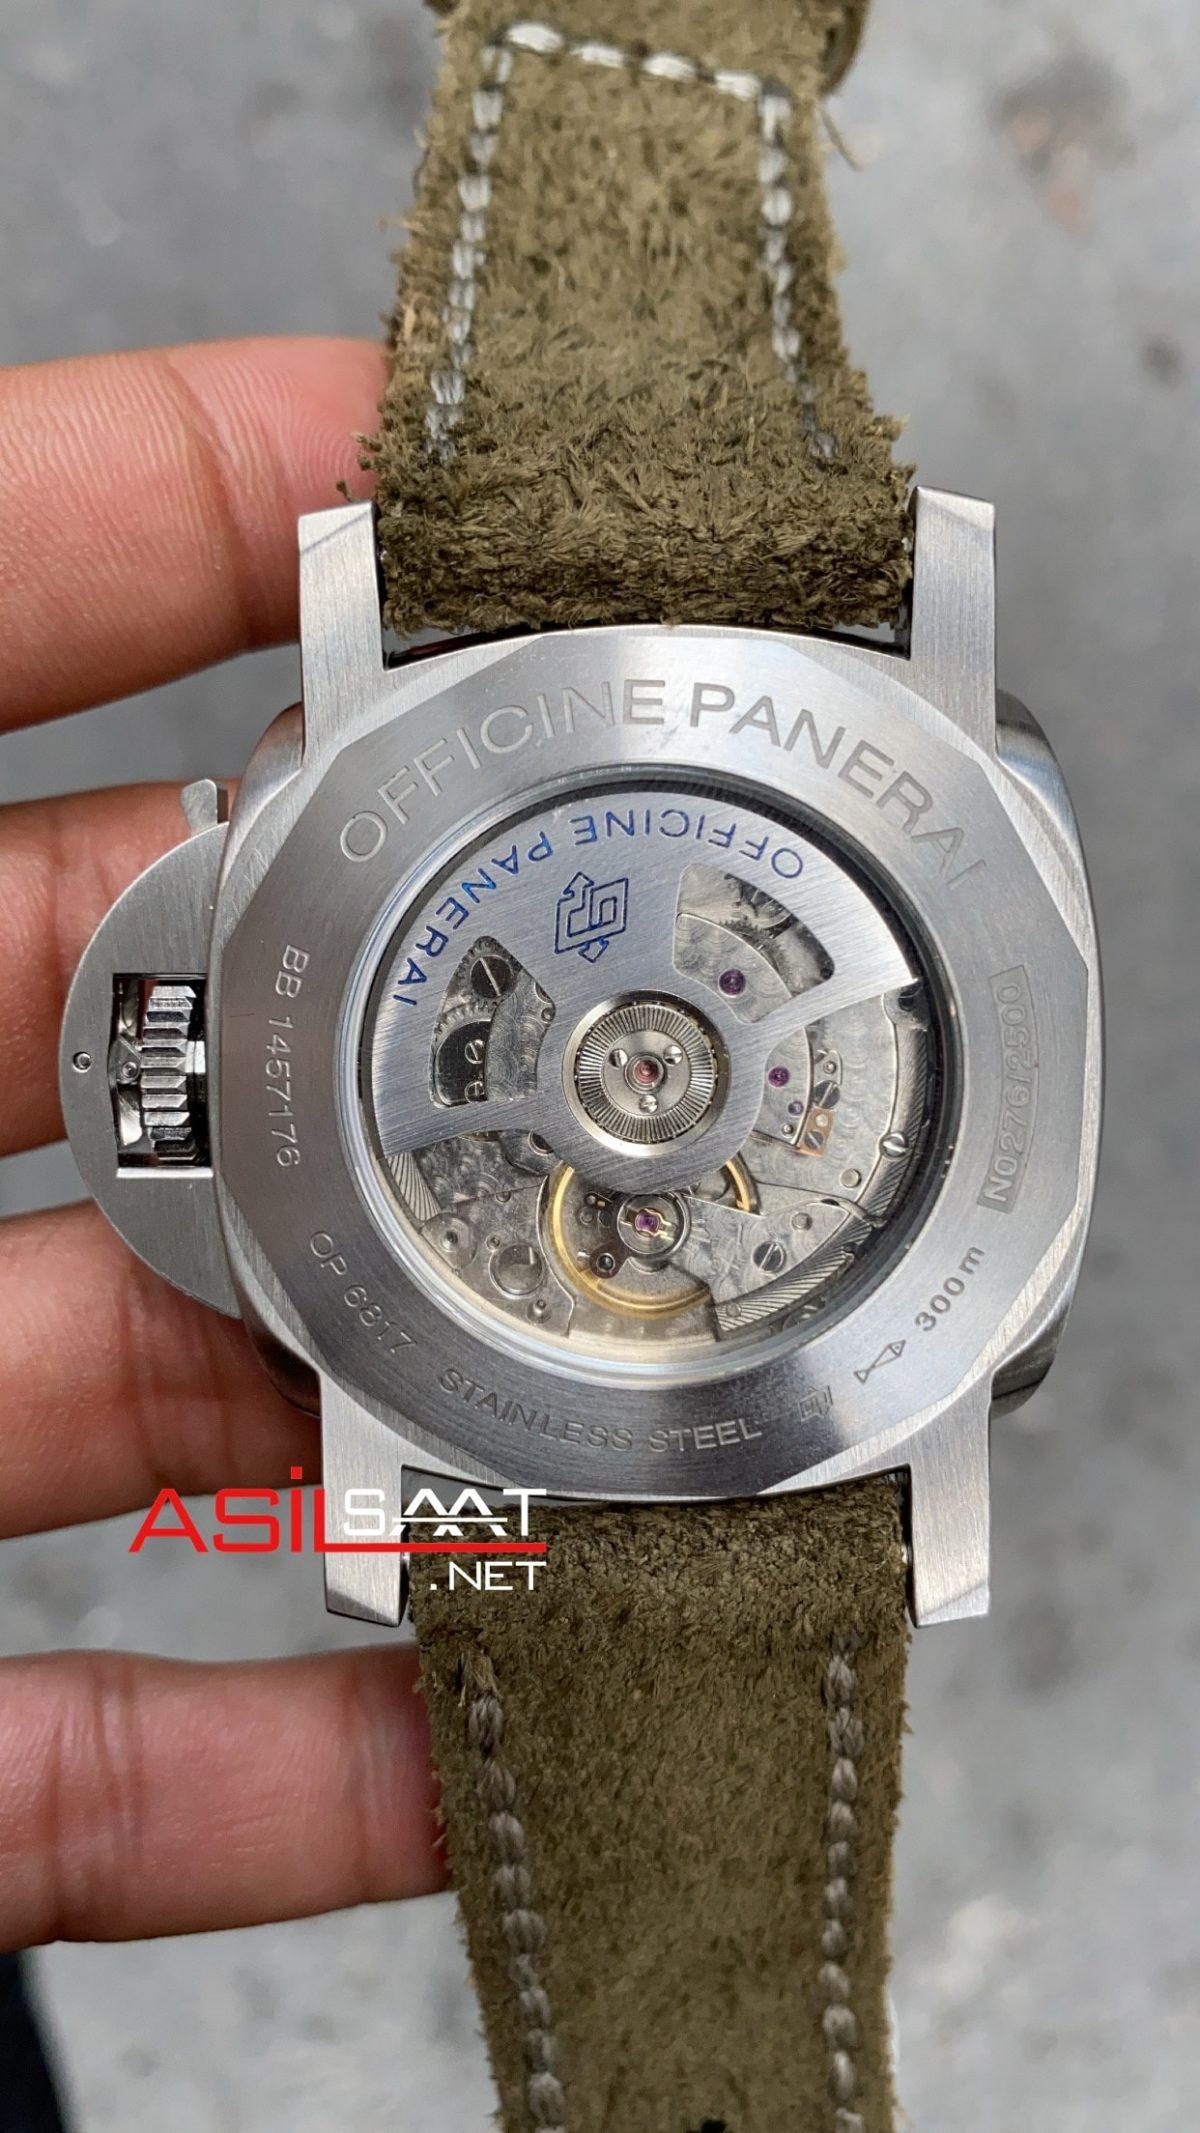 Panerai Submarsible PANS001